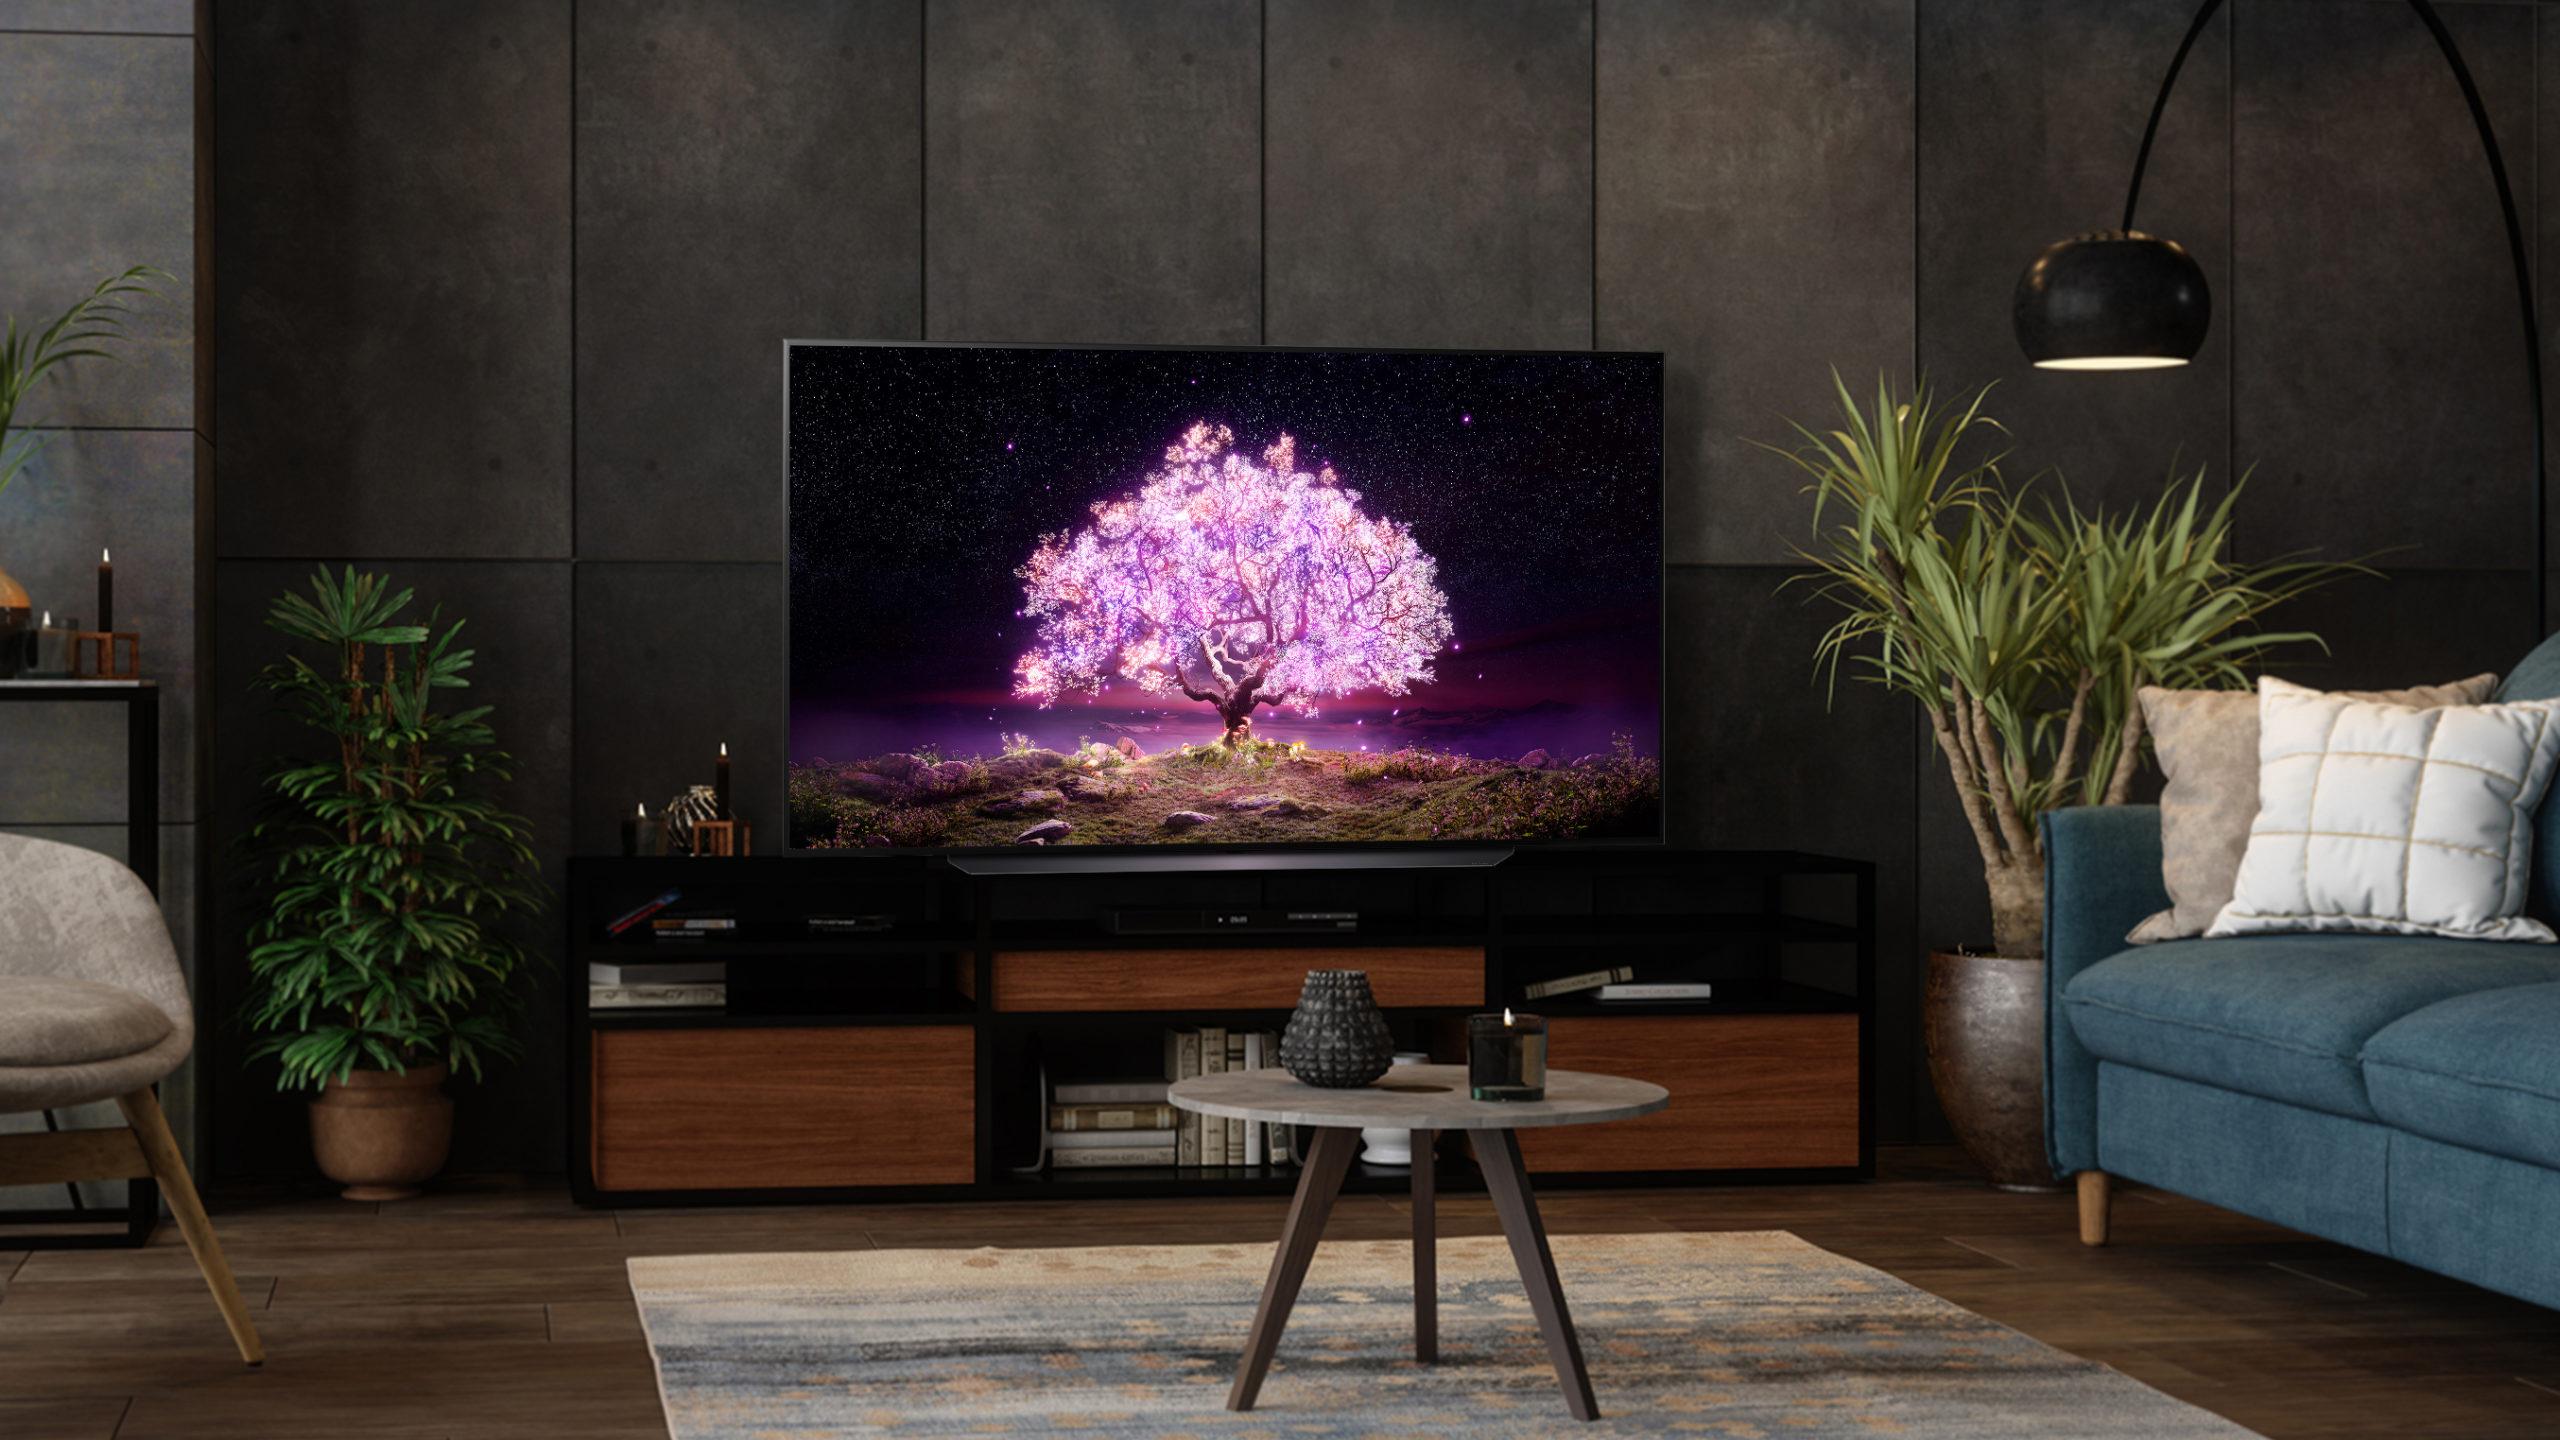 LG C1 OLED: best OLED TV